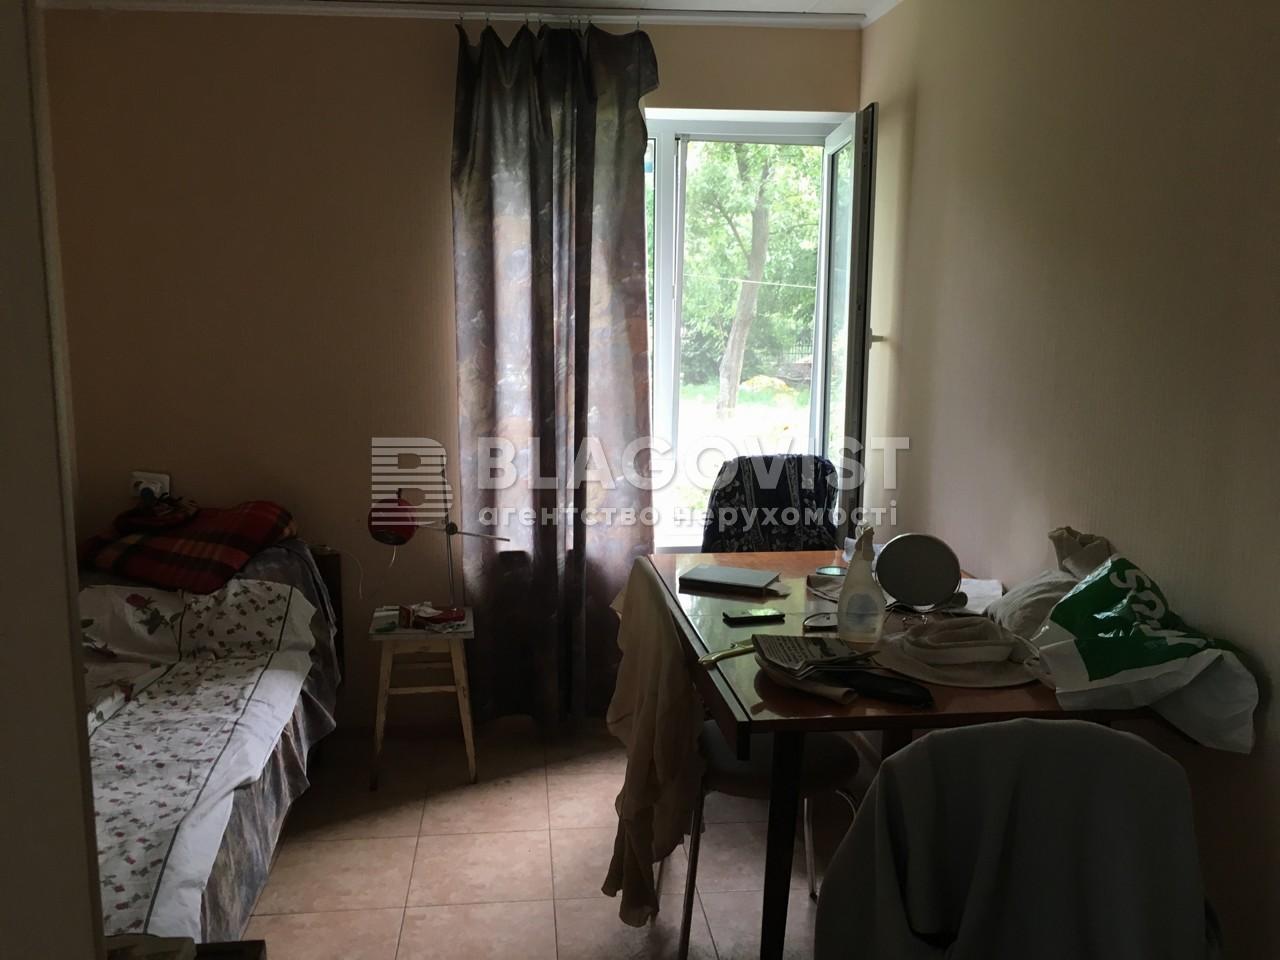 Дом R-27729, Масловка, Киев - Фото 4